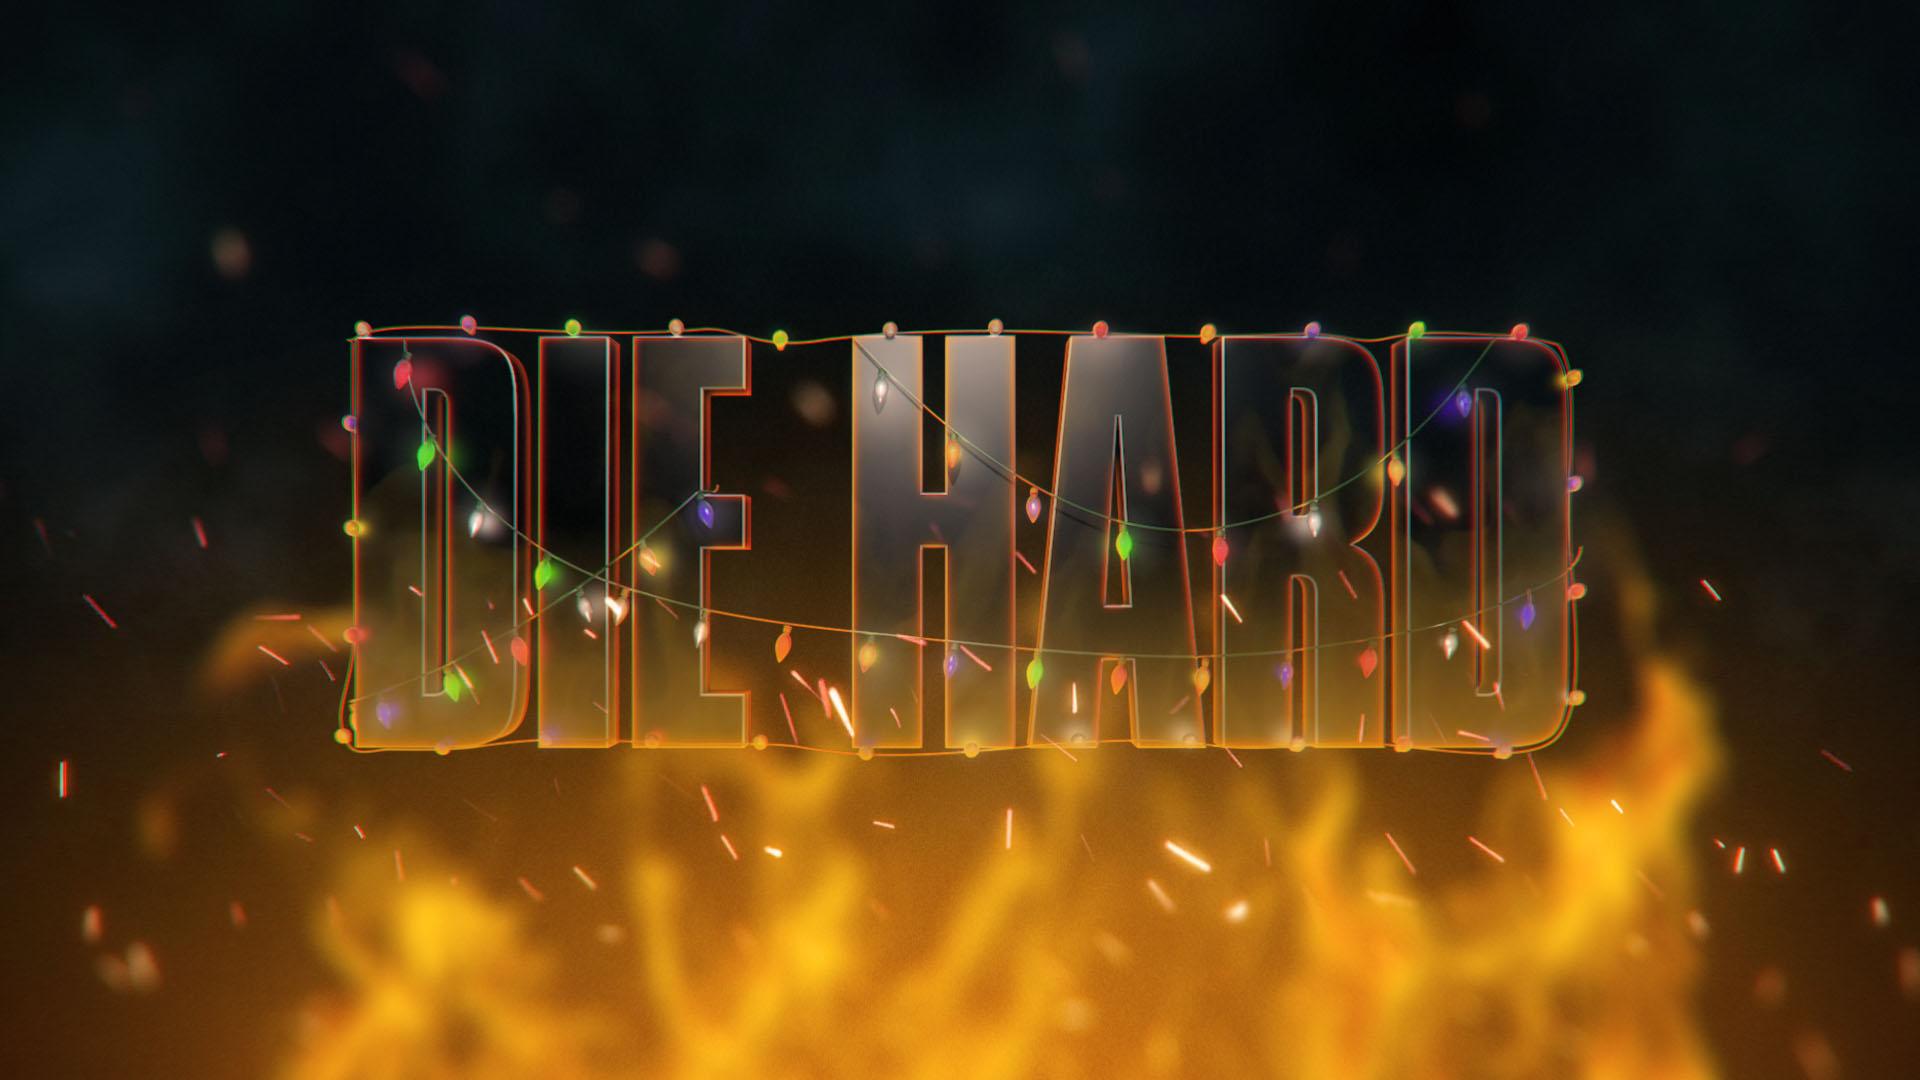 FOX_DieHard_Title_D_001.jpg